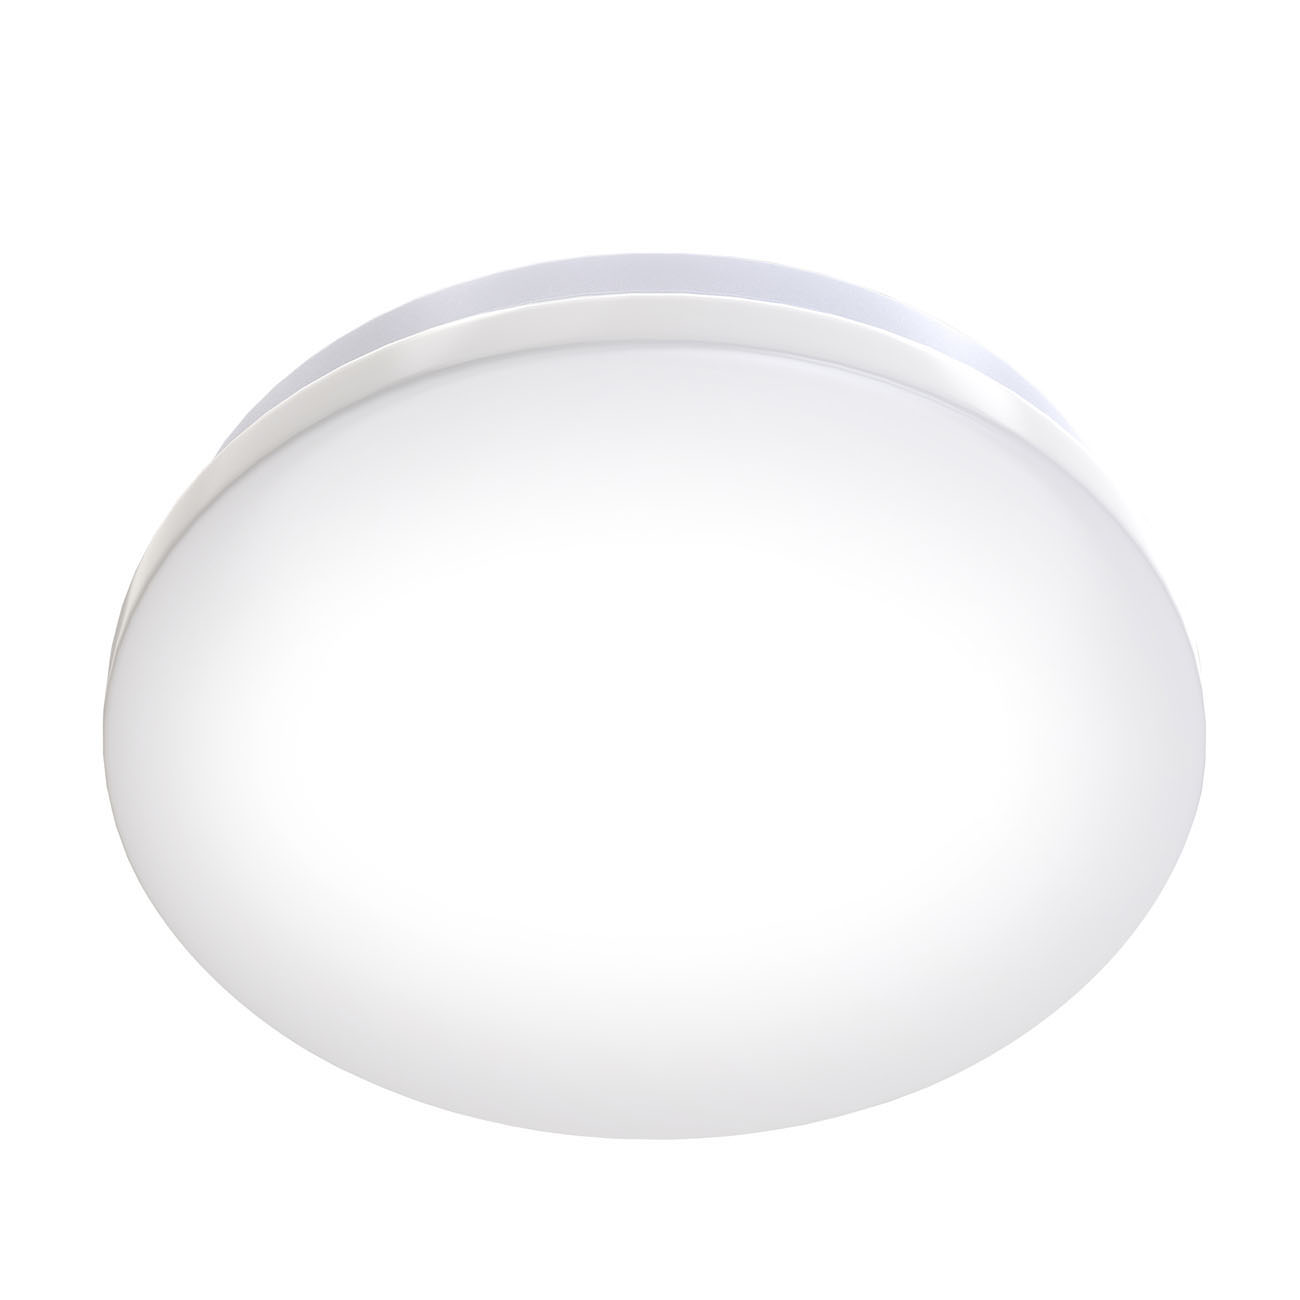 LED Deckenleuchte IP 44